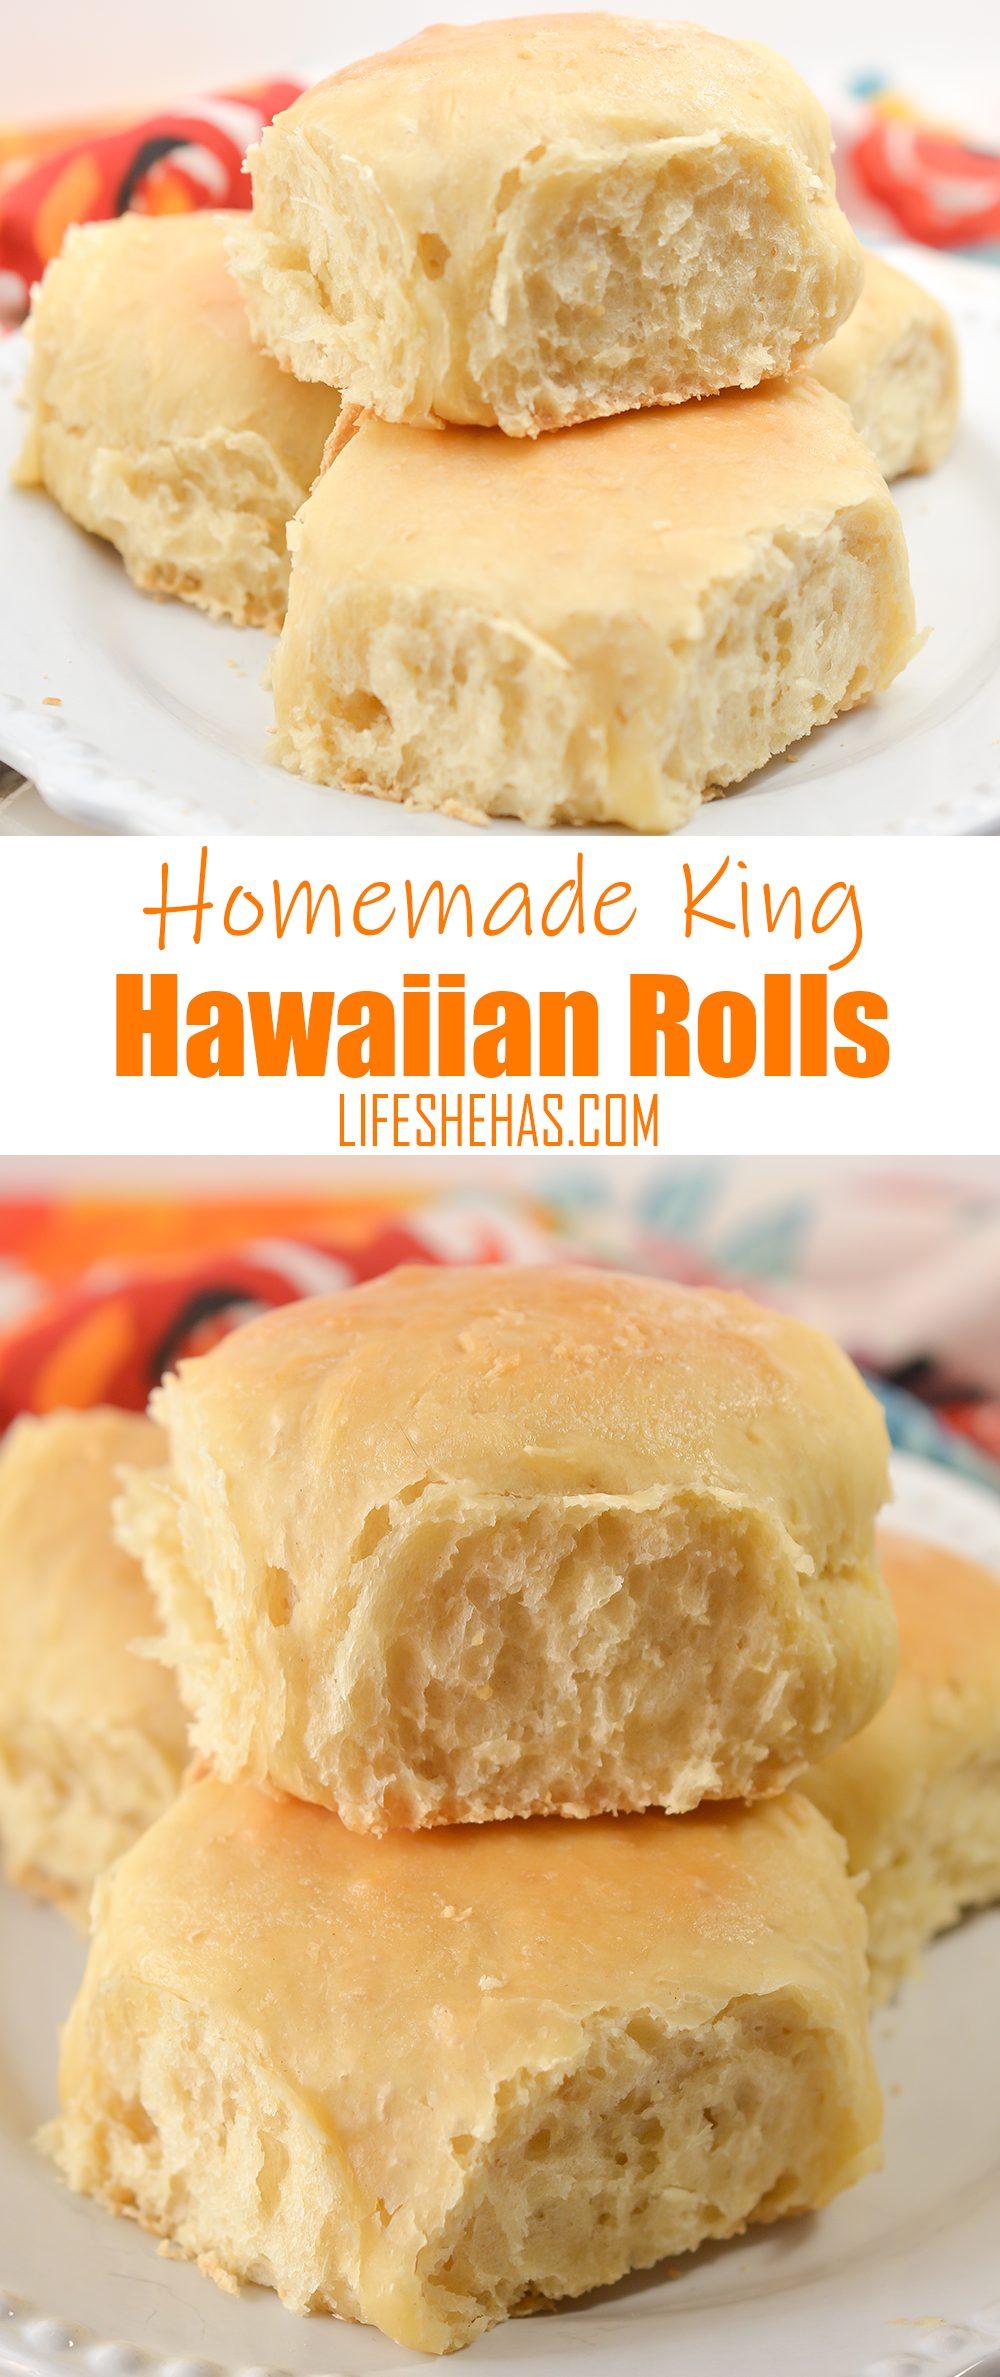 homemade king hawaiian rolls pinterest pin template